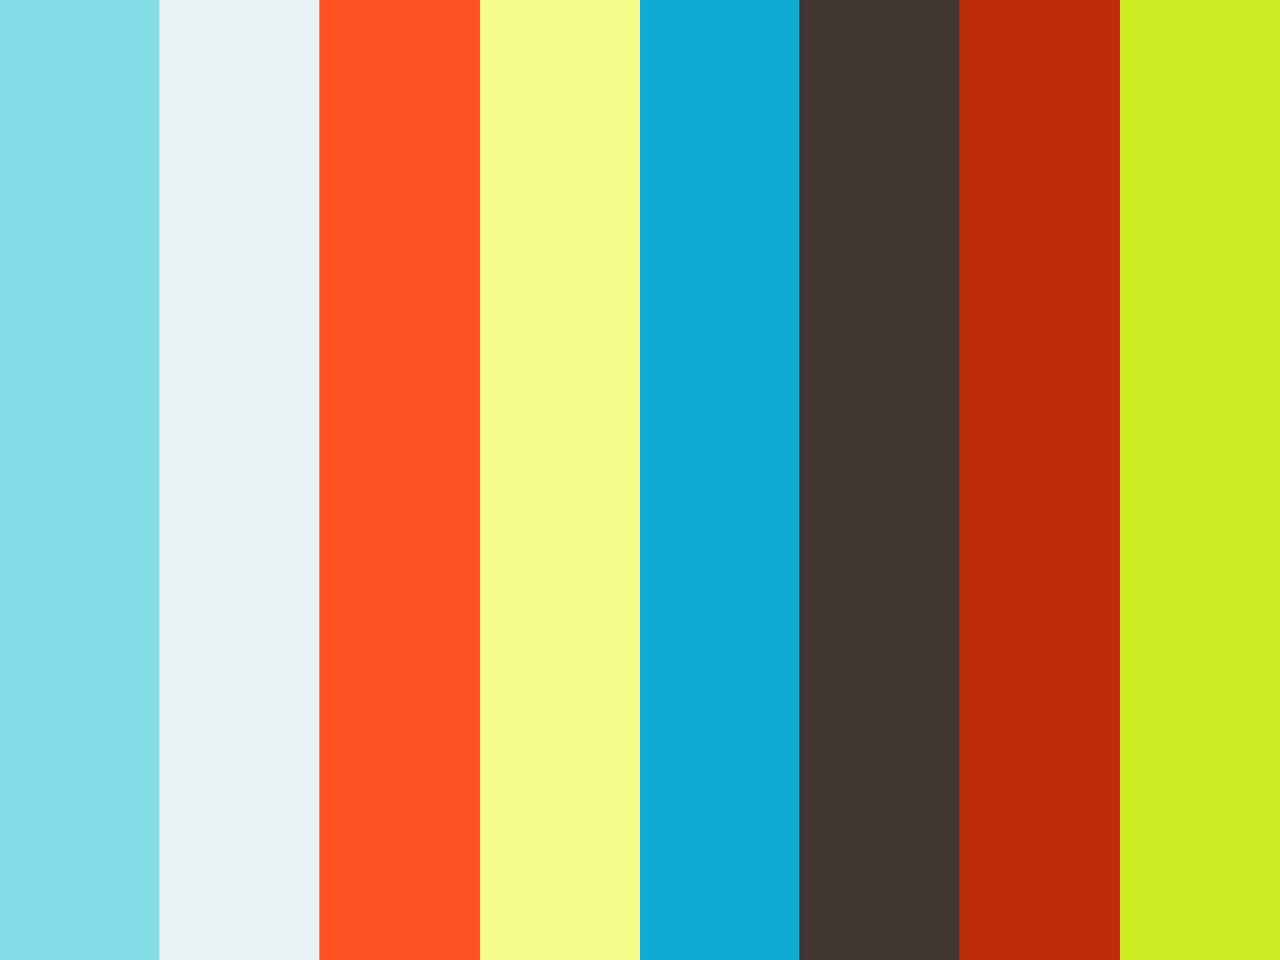 Sands Captial colormix 2 (1)